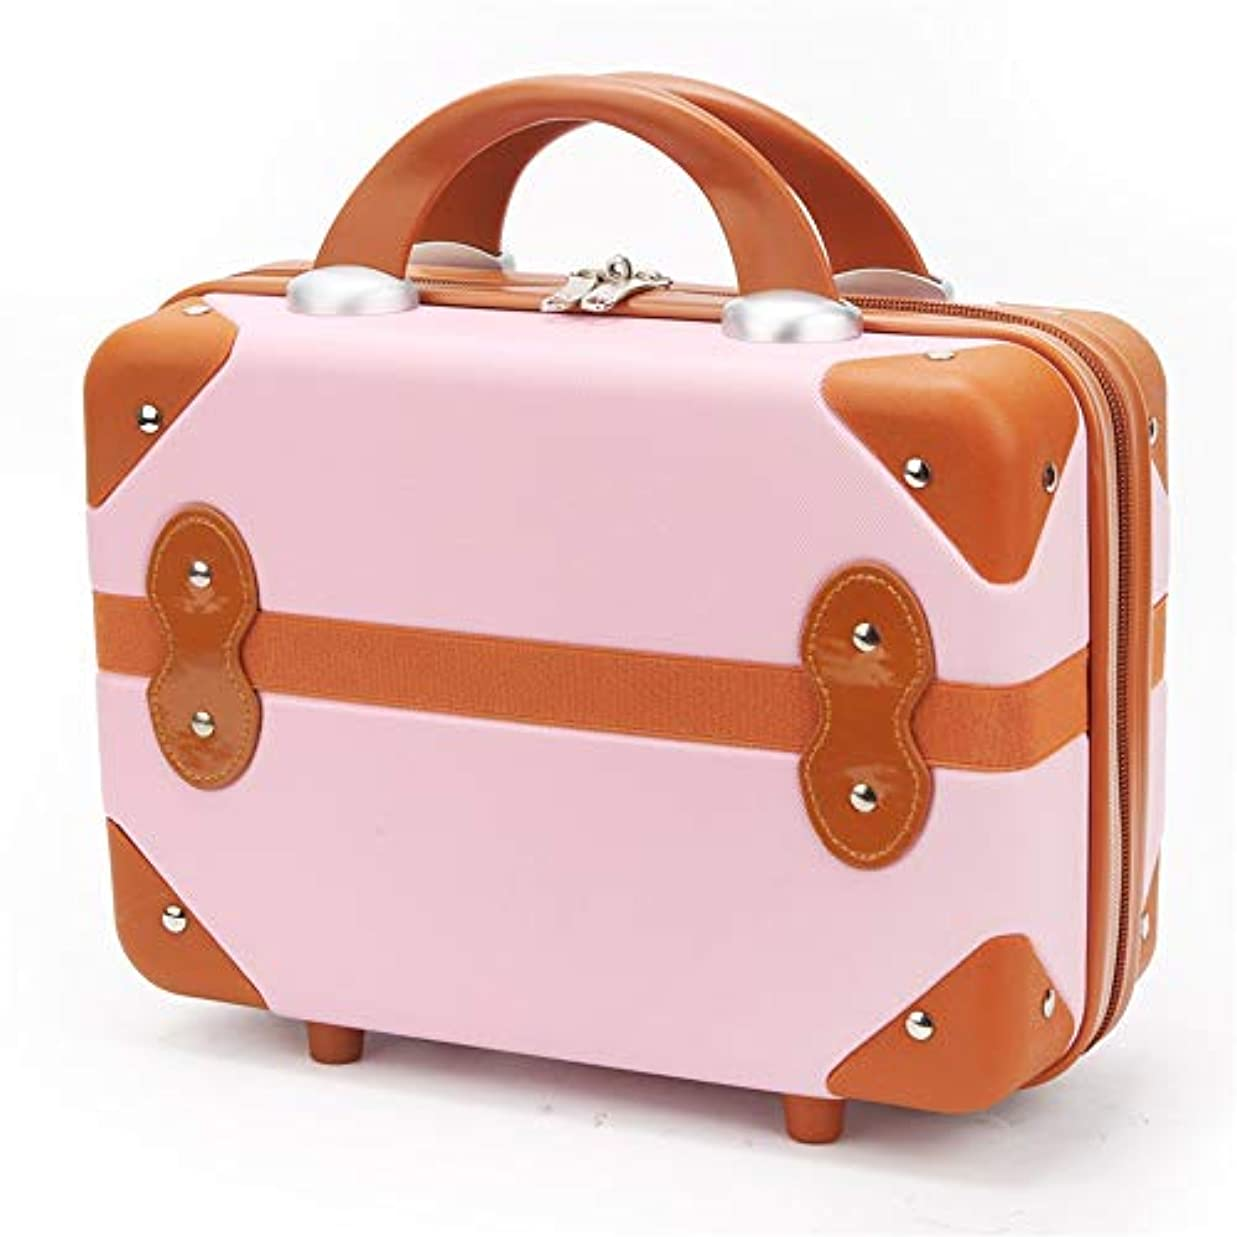 ローマ人あなたが良くなります出費特大スペース収納ビューティーボックス 14インチ化粧旅行バッグ防水化粧ケース用十代の女の子女性アーティスト多機能ポータブル旅行 化粧品化粧台